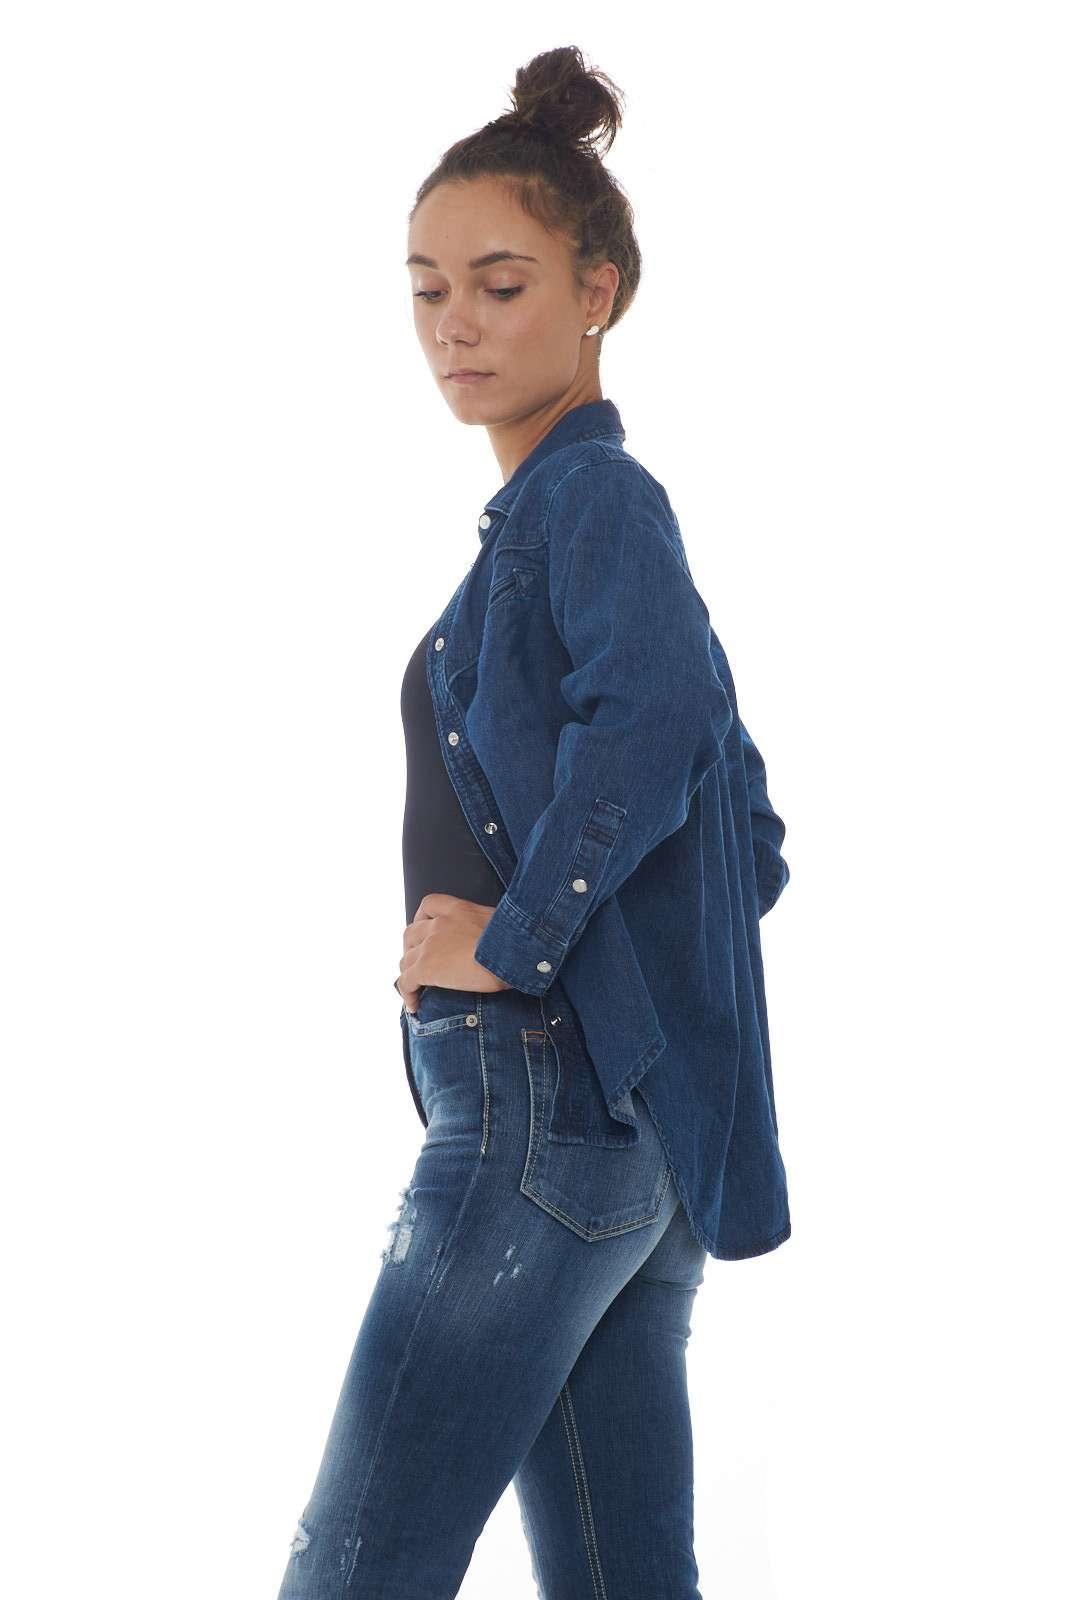 https://www.parmax.com/media/catalog/product/a/i/AI-outlet_parmax-camicia-donna-Levis-77678%200000-B.jpg